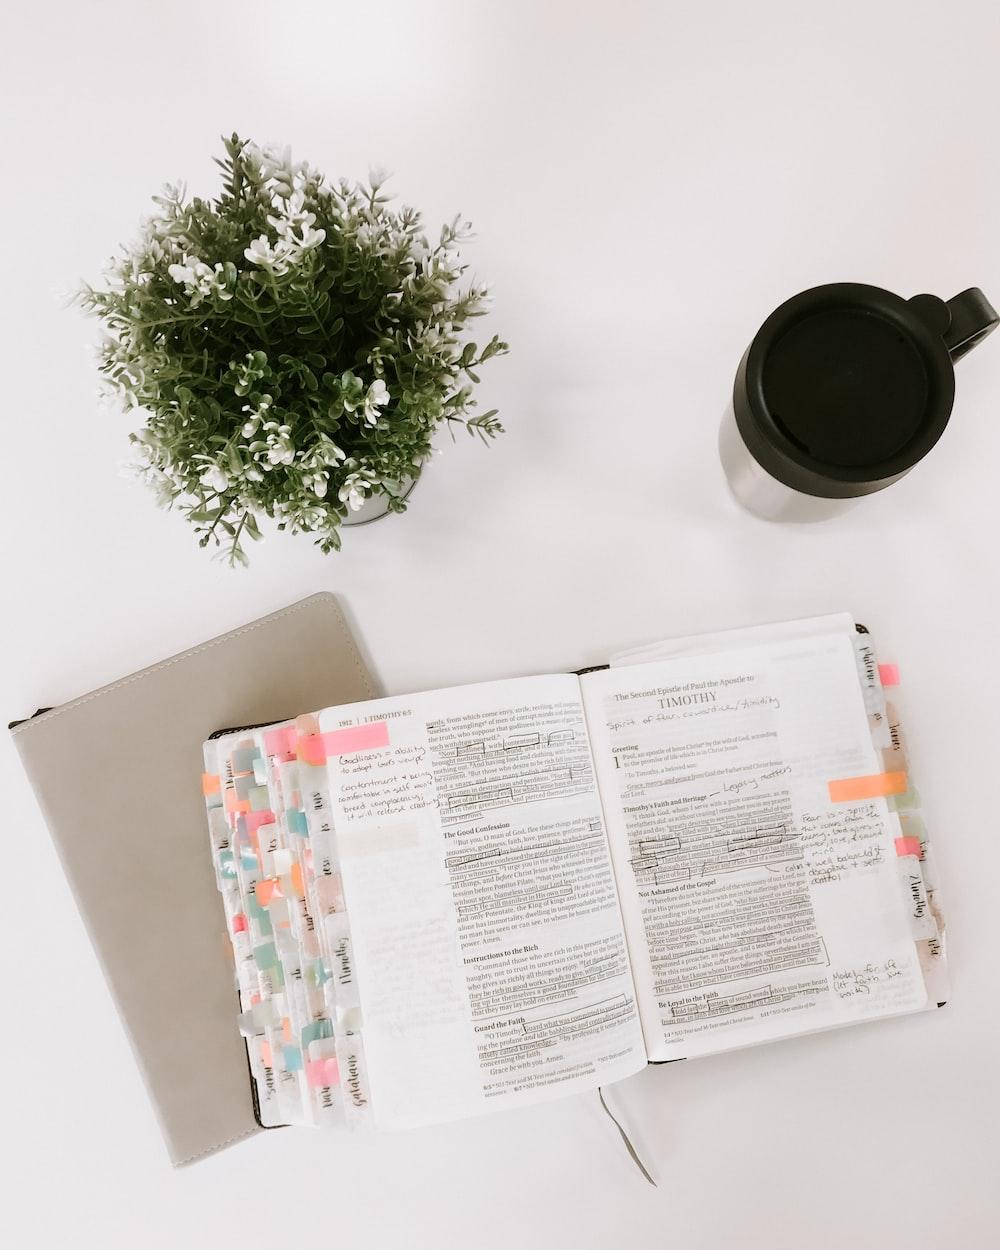 white printer paper beside black ceramic mug on white table